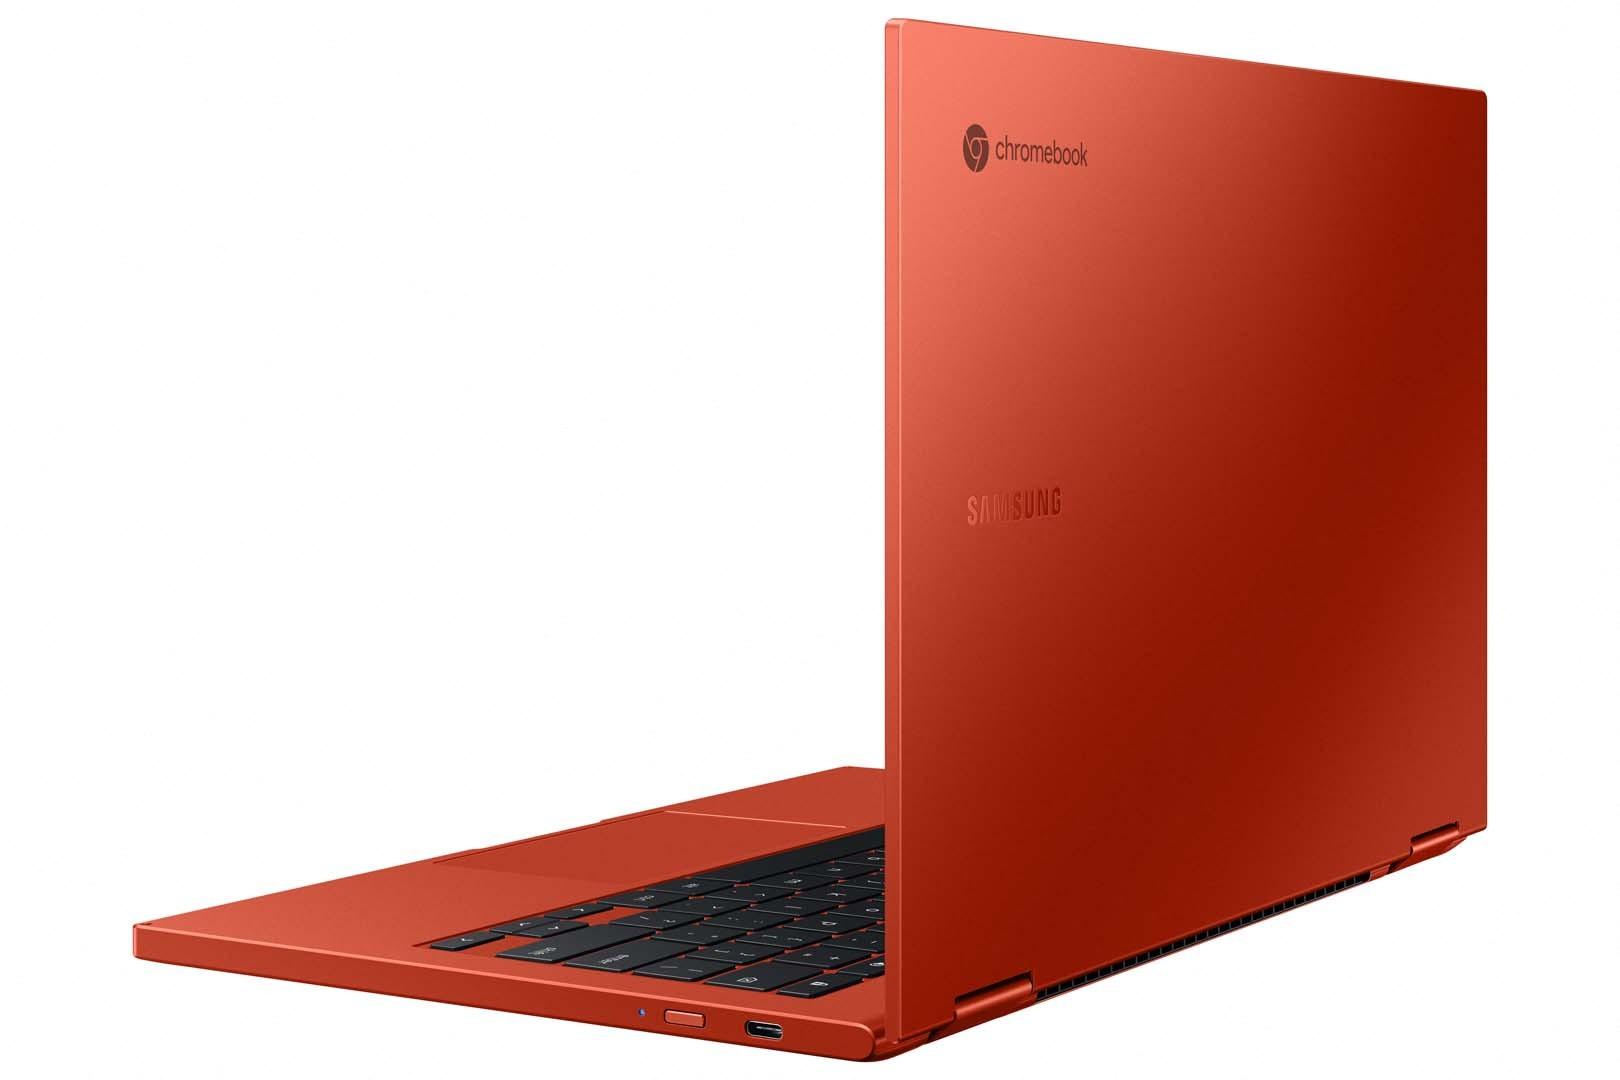 Samsung Galaxy Chromebook ۲